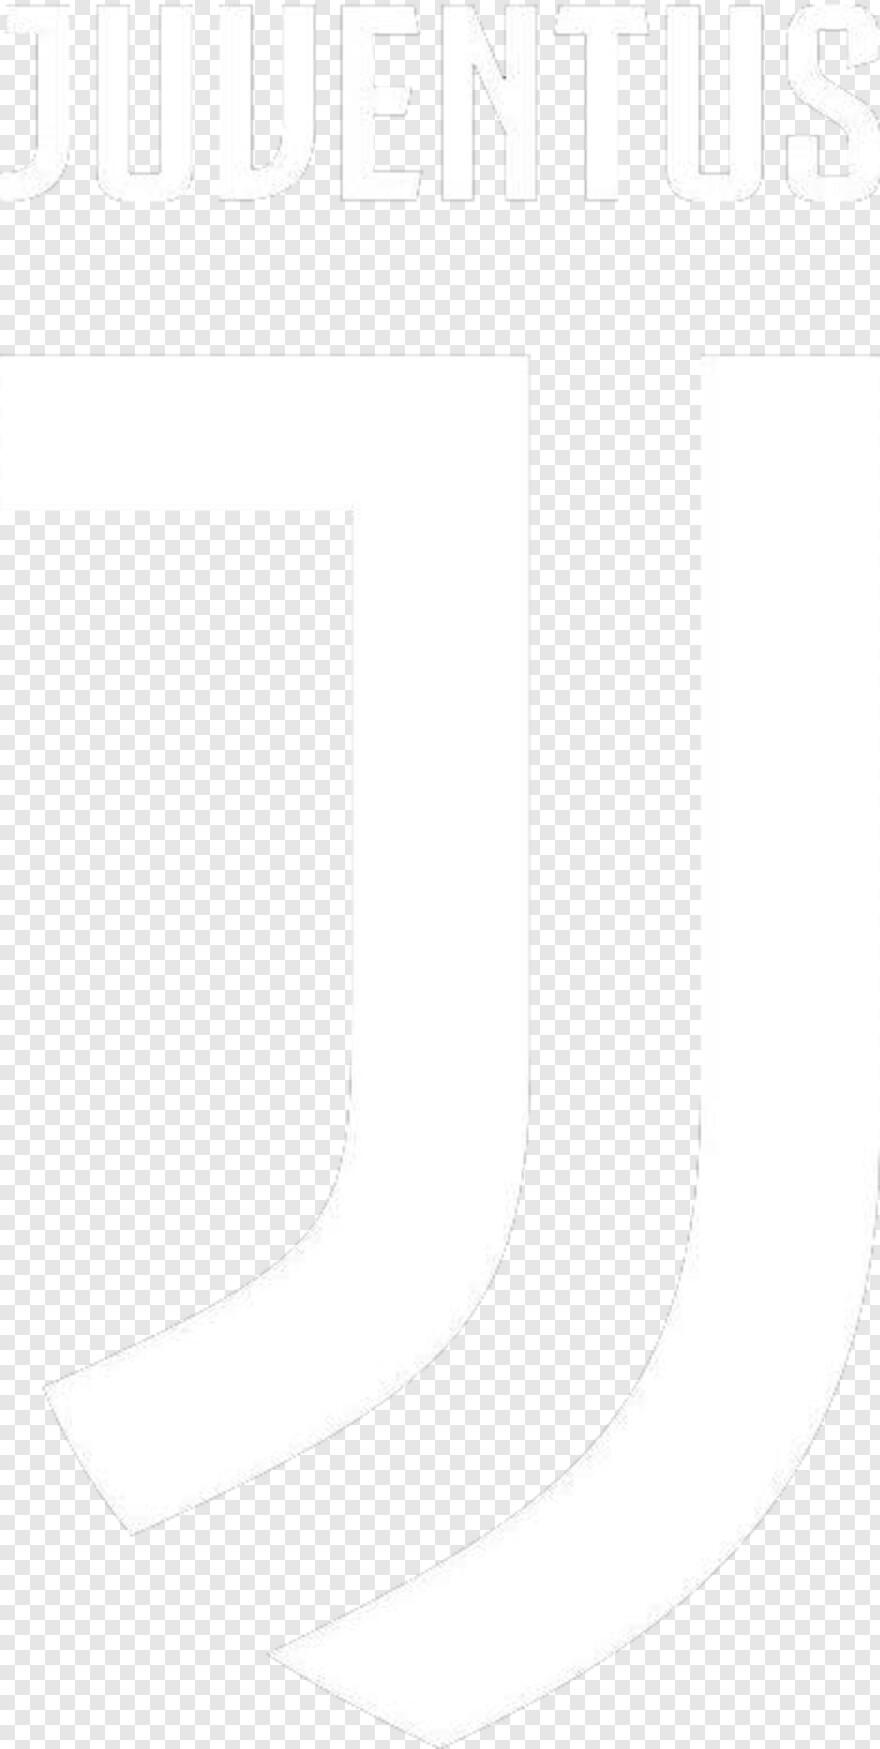 juventus logo sfondi juventus hd 2017 transparent png 393x781 3808751 png image pngjoy juventus logo sfondi juventus hd 2017